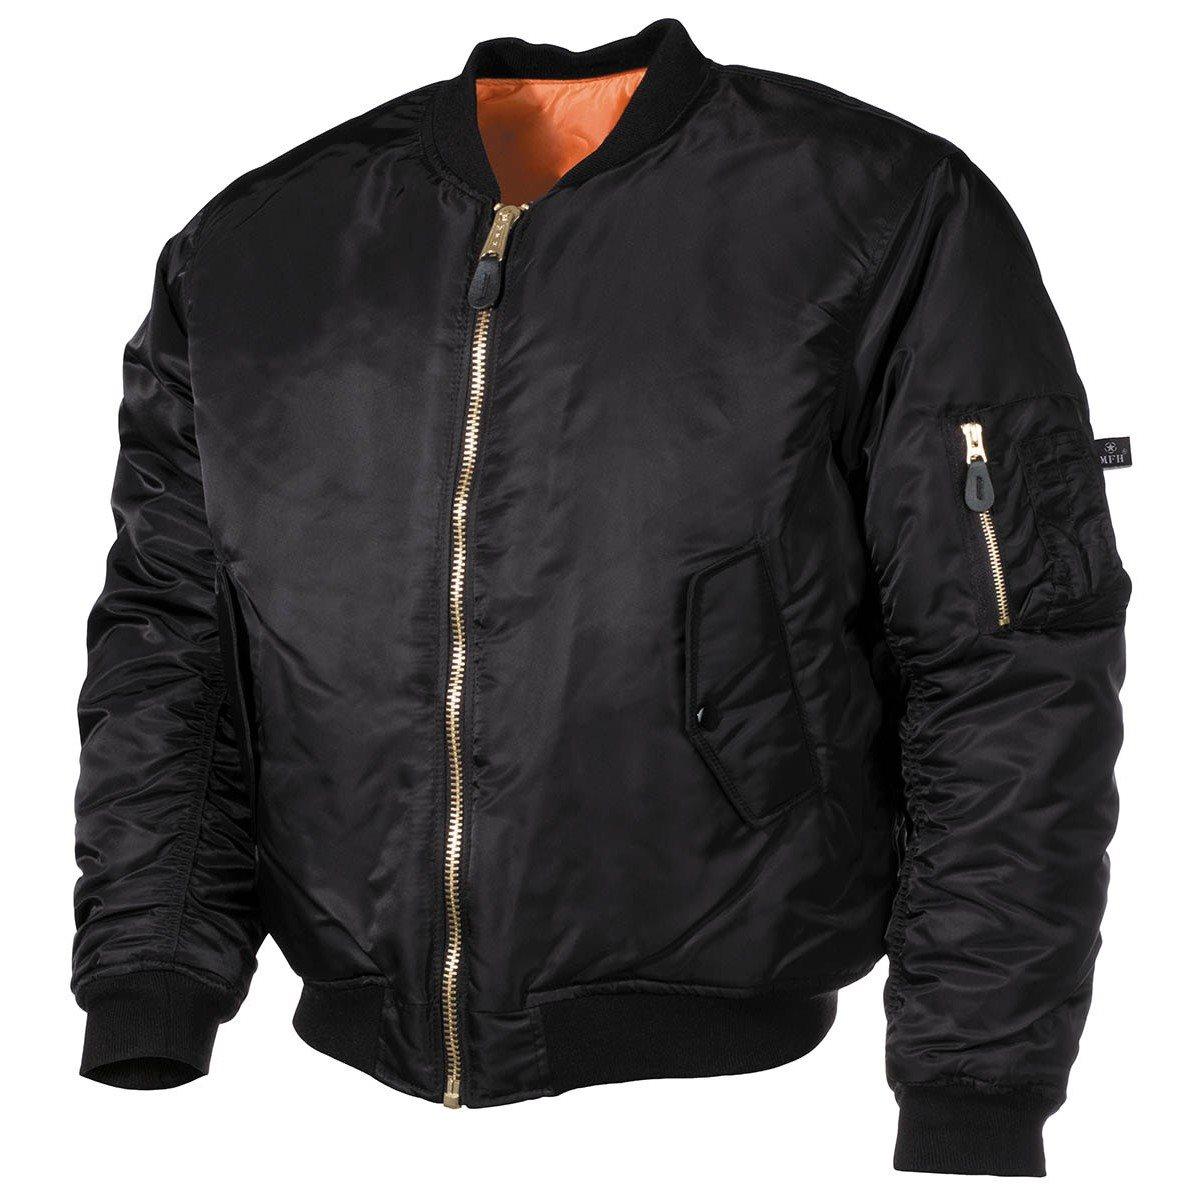 Jacket US MA1 BLACK MFH int. comp. 03552A L-11